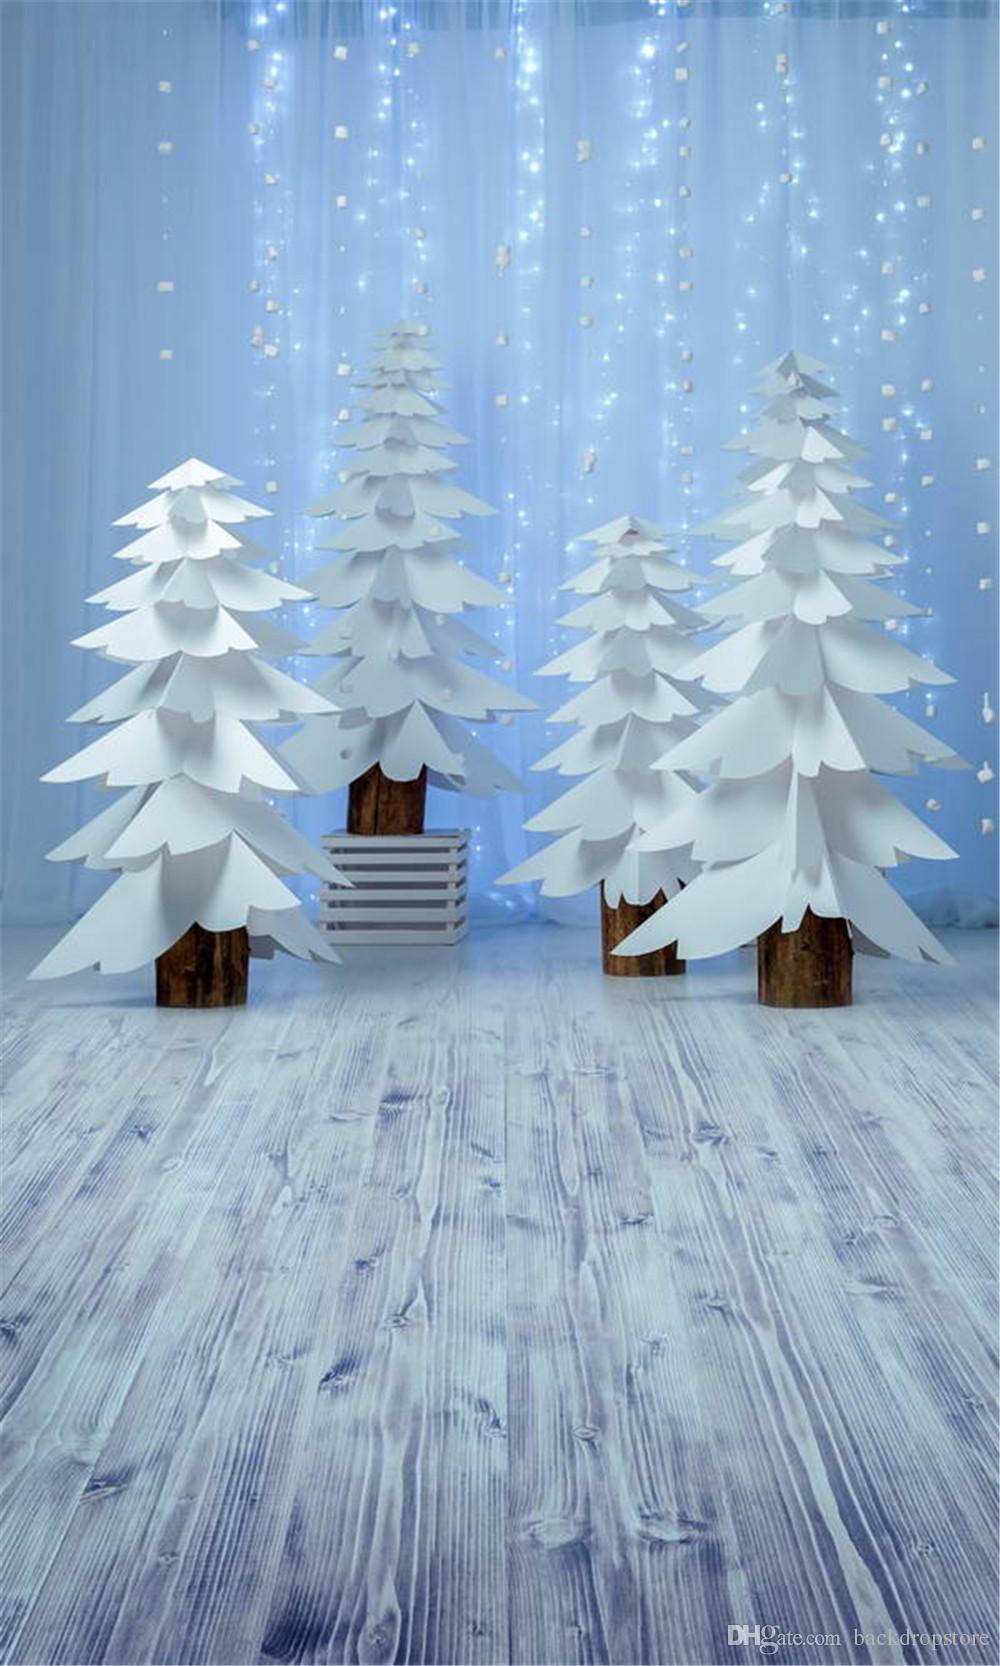 الكمبيوتر مطبوعة لينة الستار متألقة ضوء التصوير الخلفيات عيد الميلاد ورقة بيضاء قطع الأشجار ميلاد سعيد عيد الميلاد خلفية الصور ارضيات خشبية